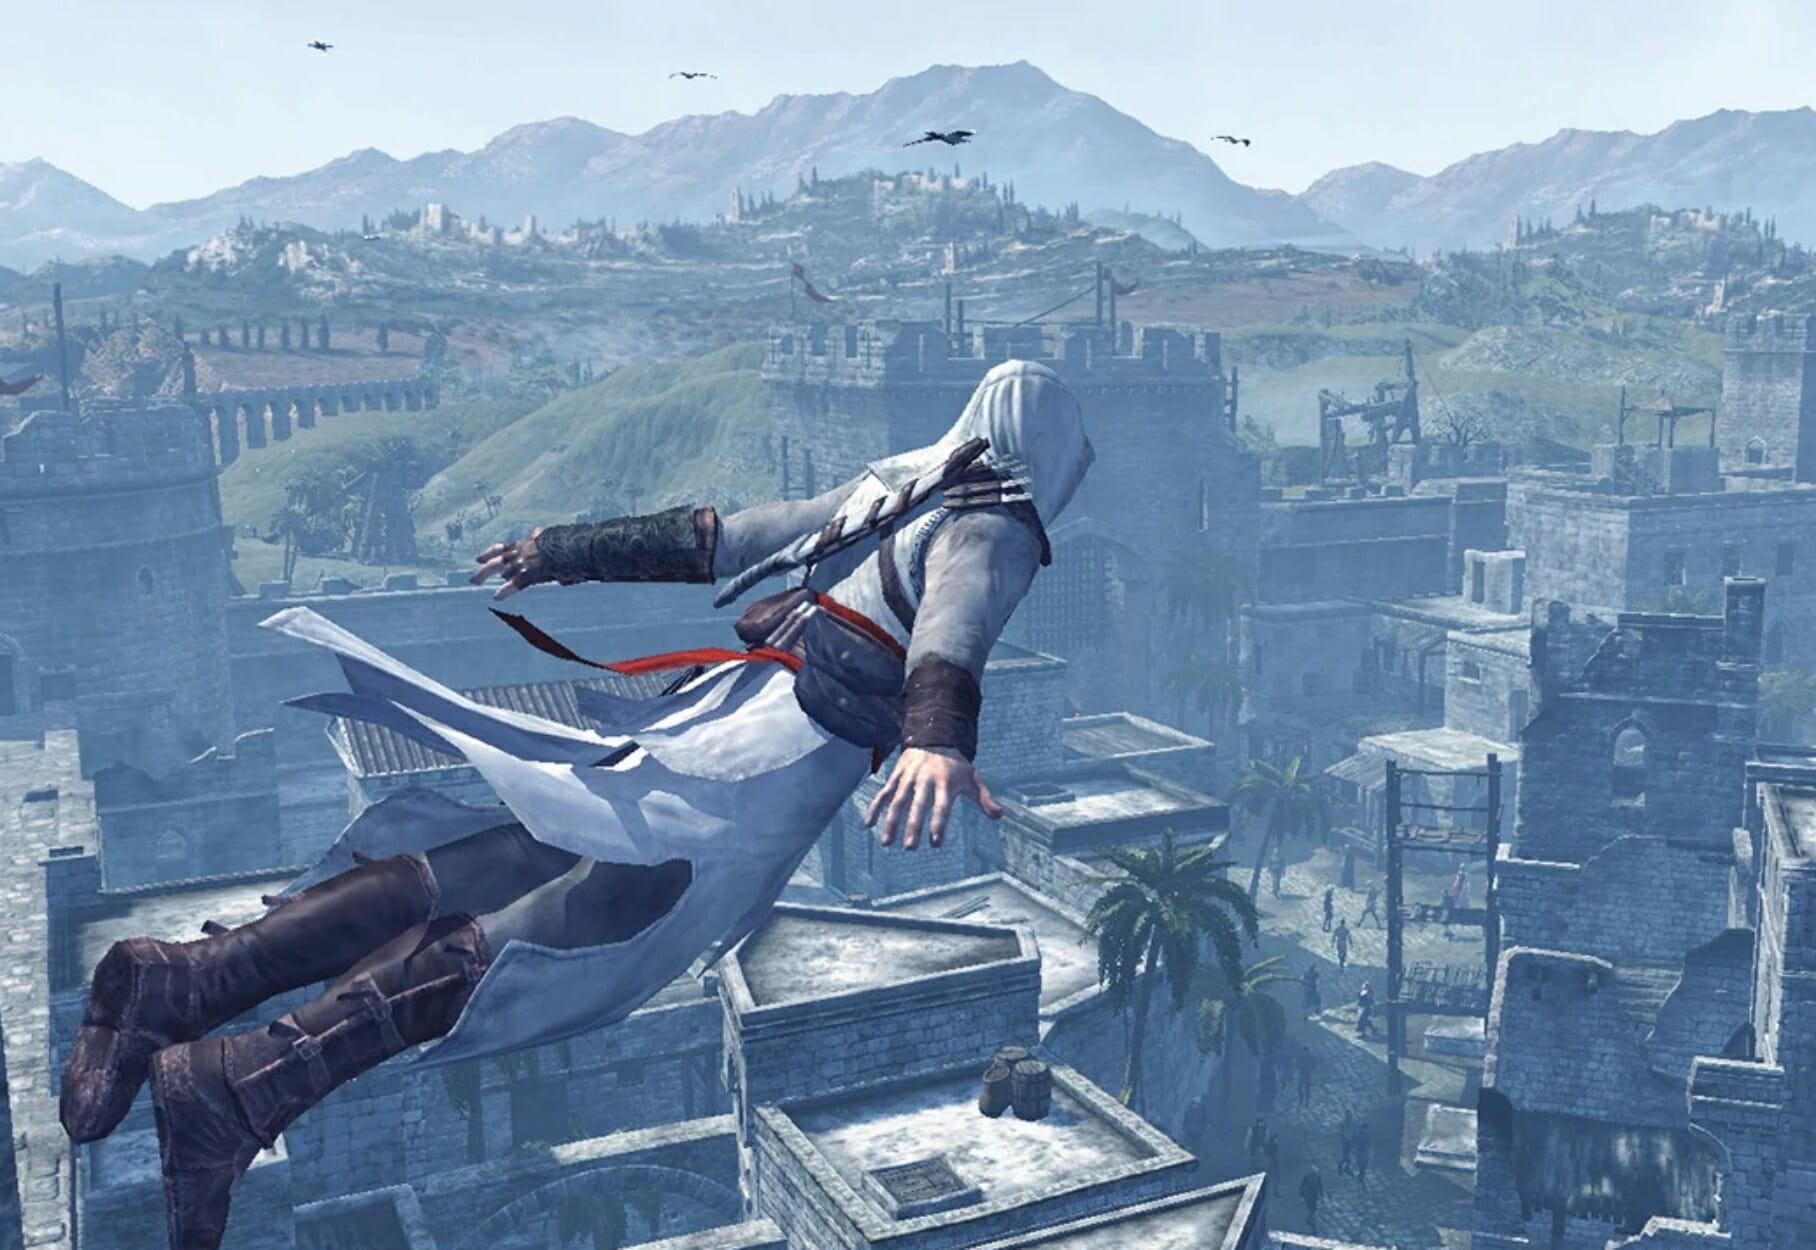 Ragnarock το όνομα στο νέο Assassins Creed;